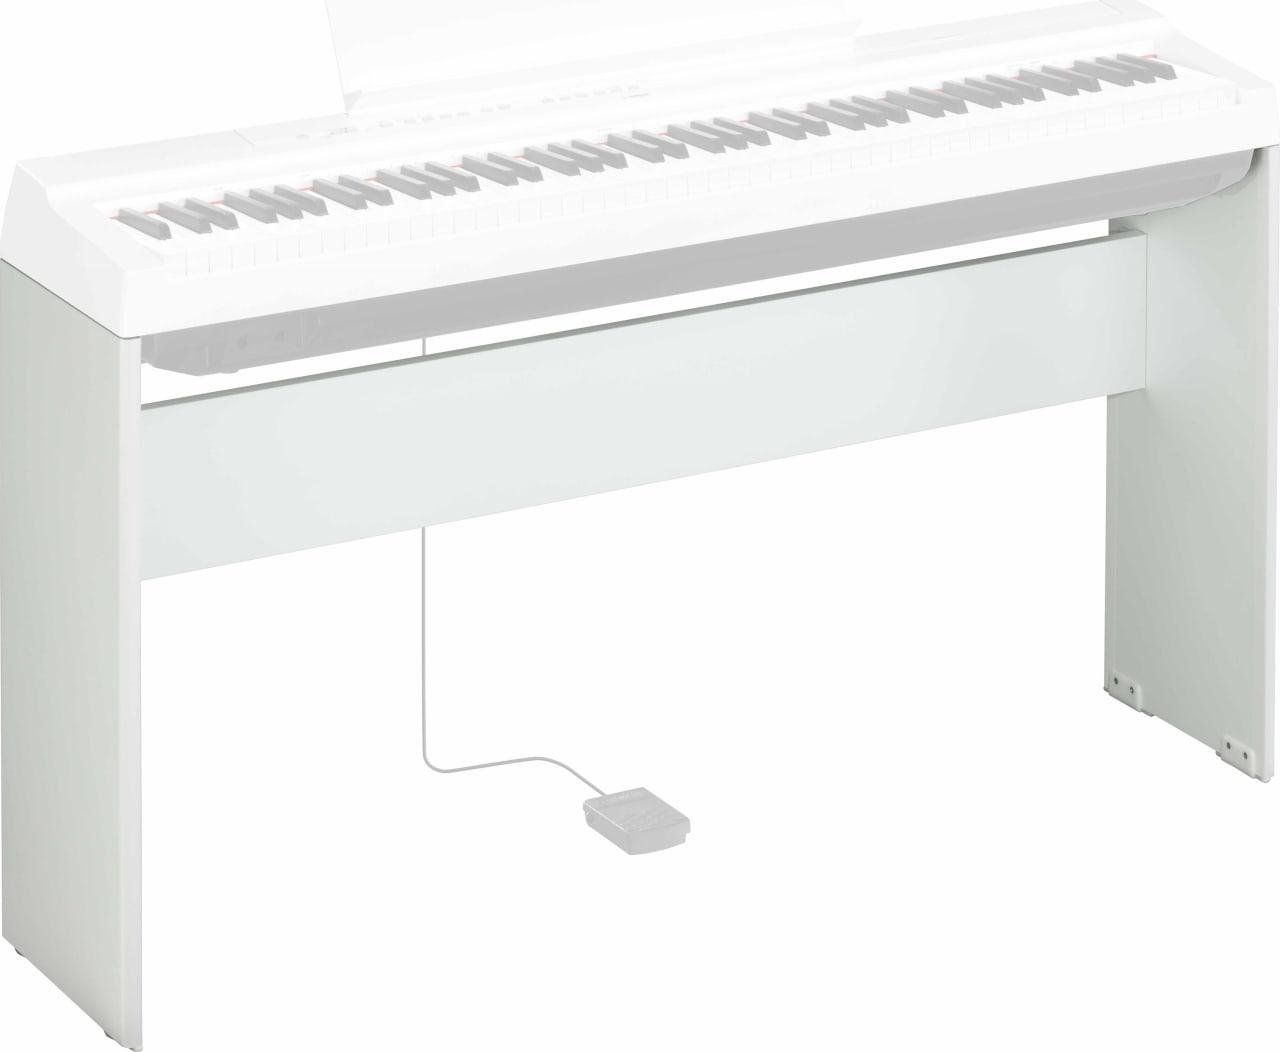 Blanco Soporte Yamaha L-125 para teclado P-125.1